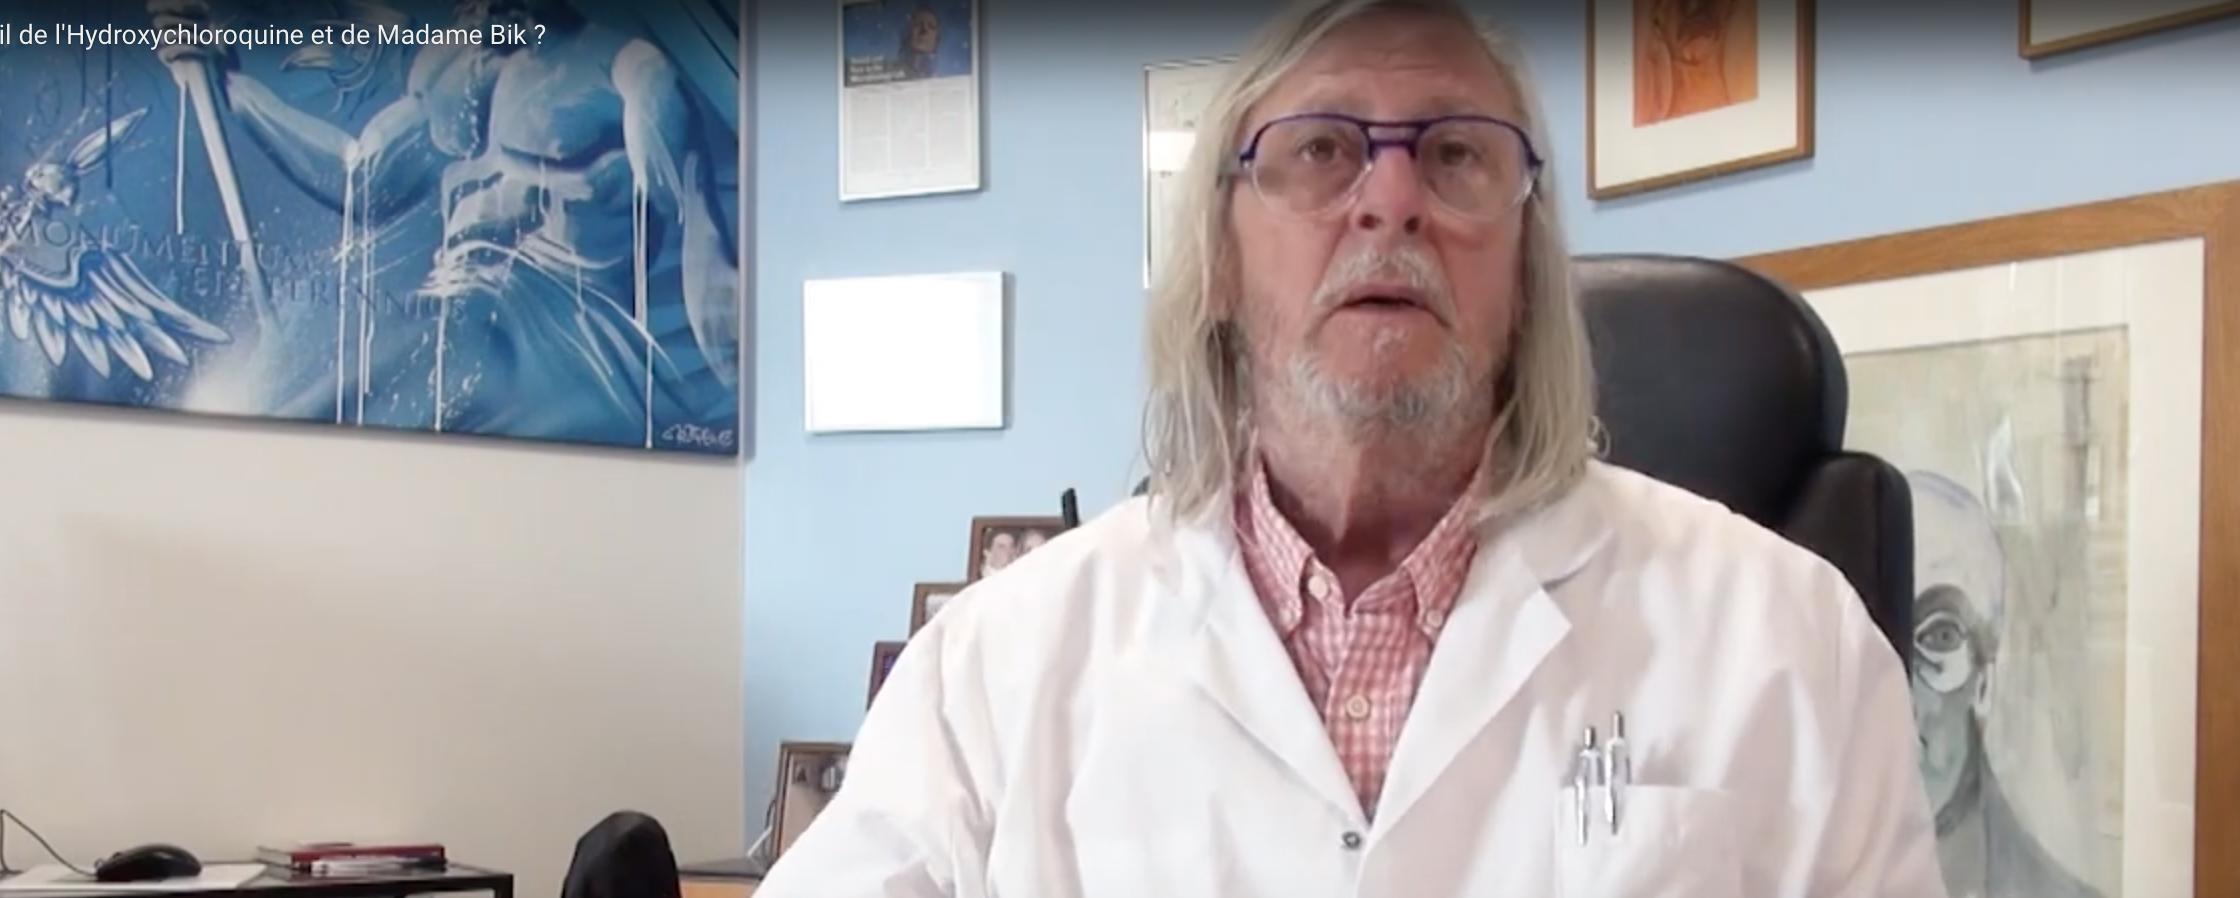 Pr Didier Raoult : qu'en est-il de l'Hydroxychloroquine et de Mme Bik ?